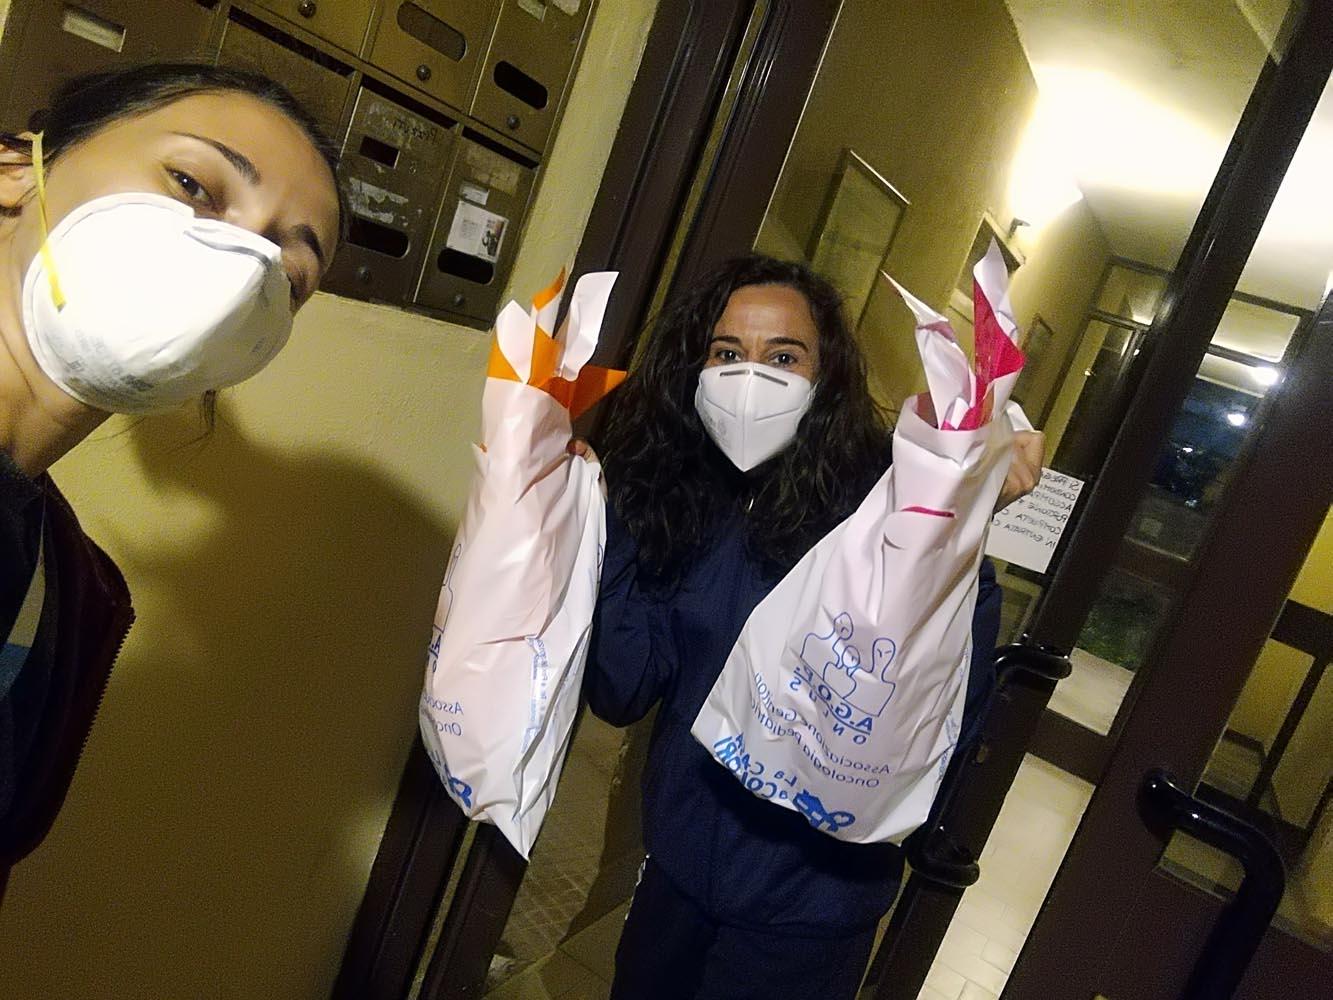 Il Coronavirus non ferma la solidarietà a pasqua